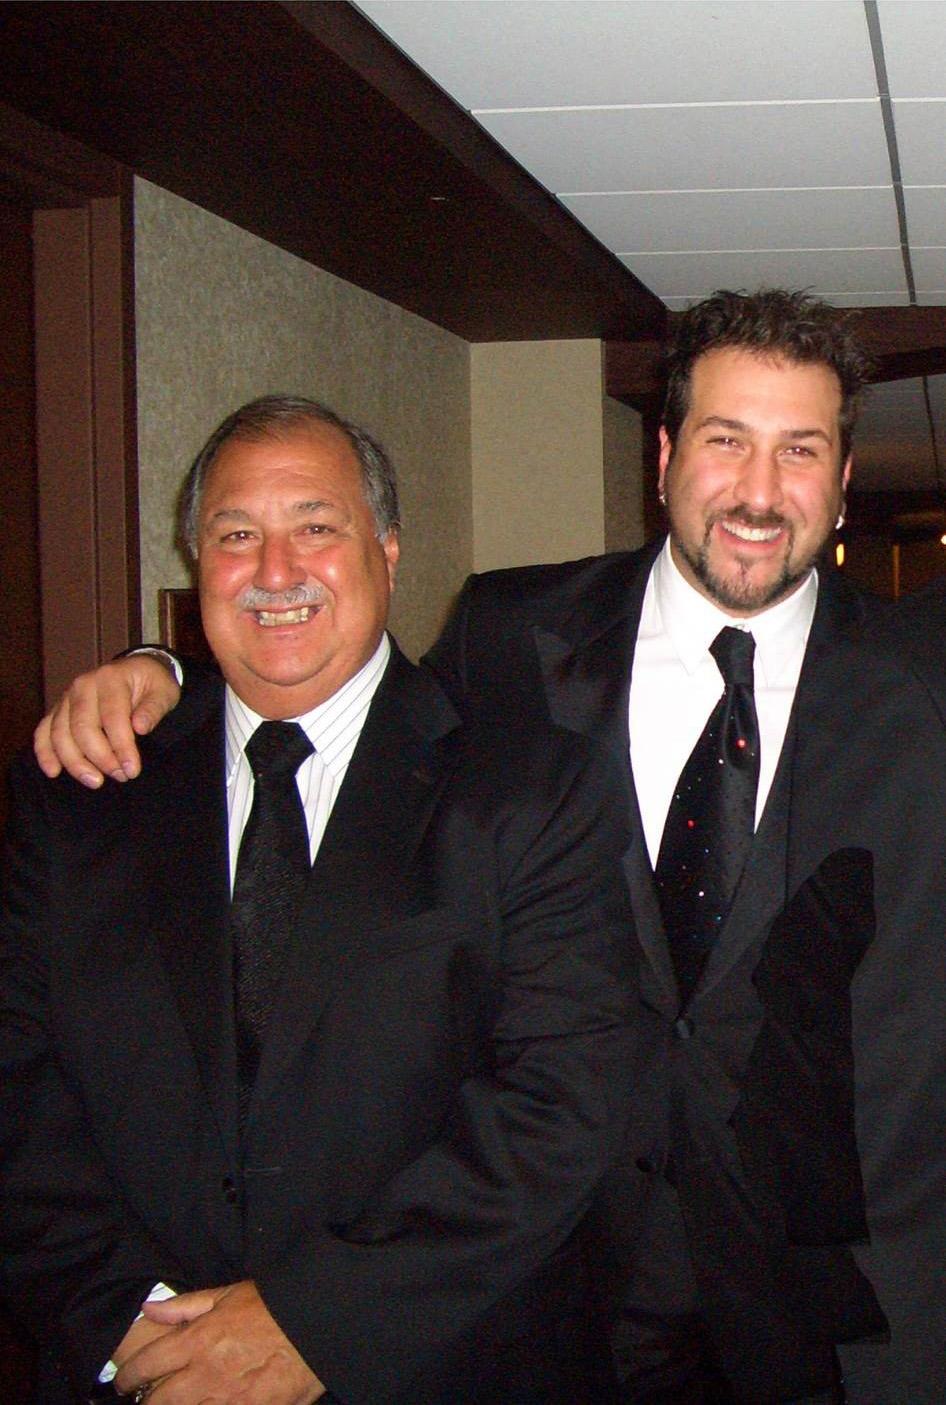 Joey Fatone Sr. and Joey Fatone Jr.